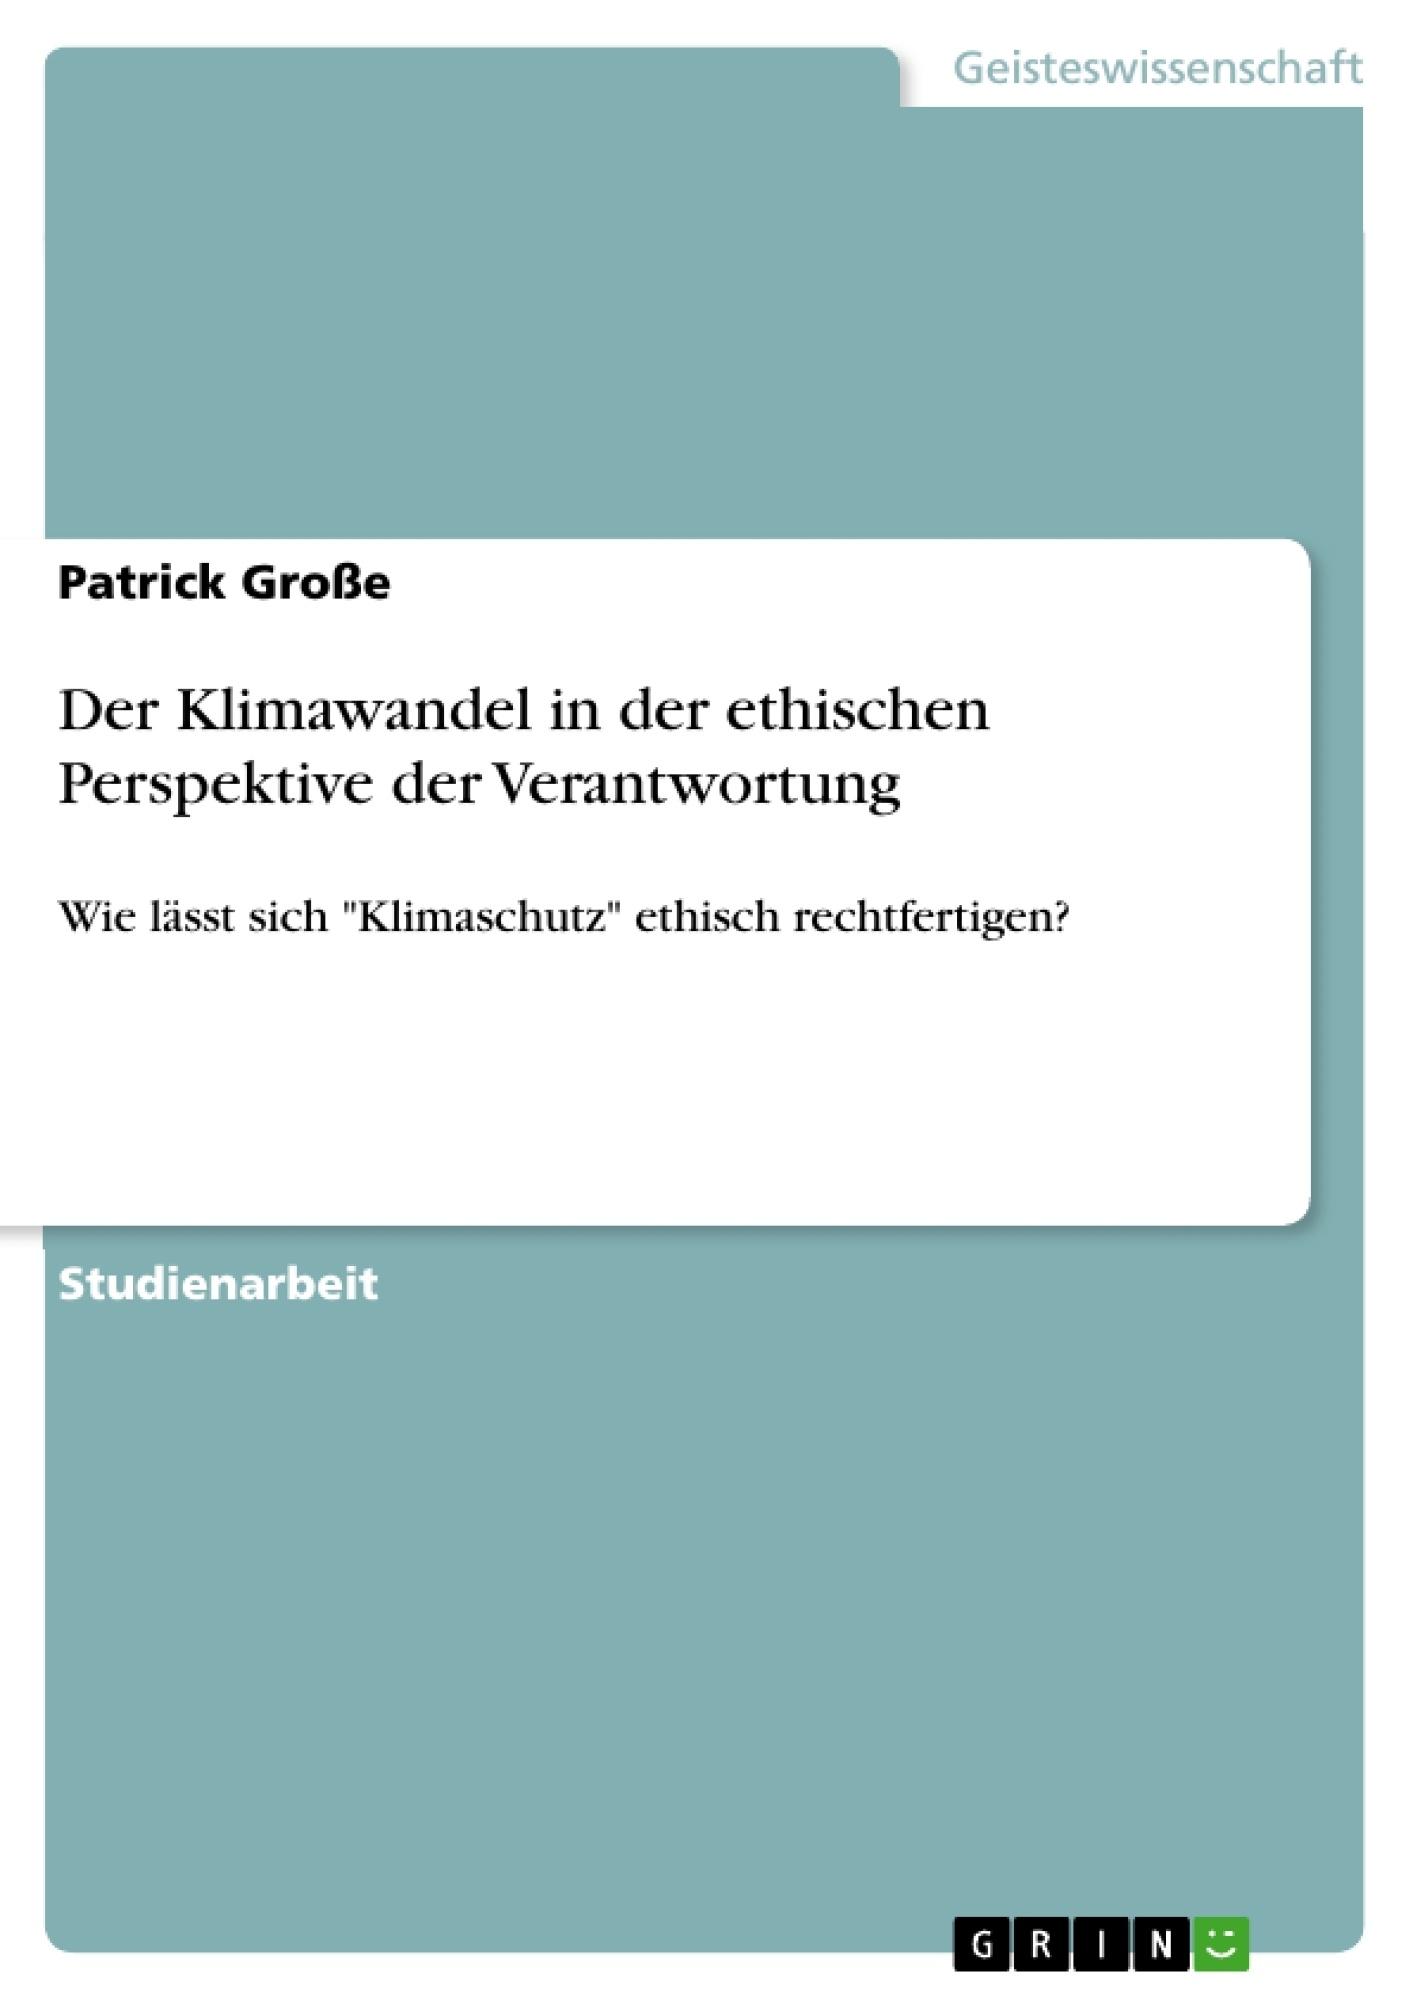 Titel: Der Klimawandel in der ethischen Perspektive der Verantwortung